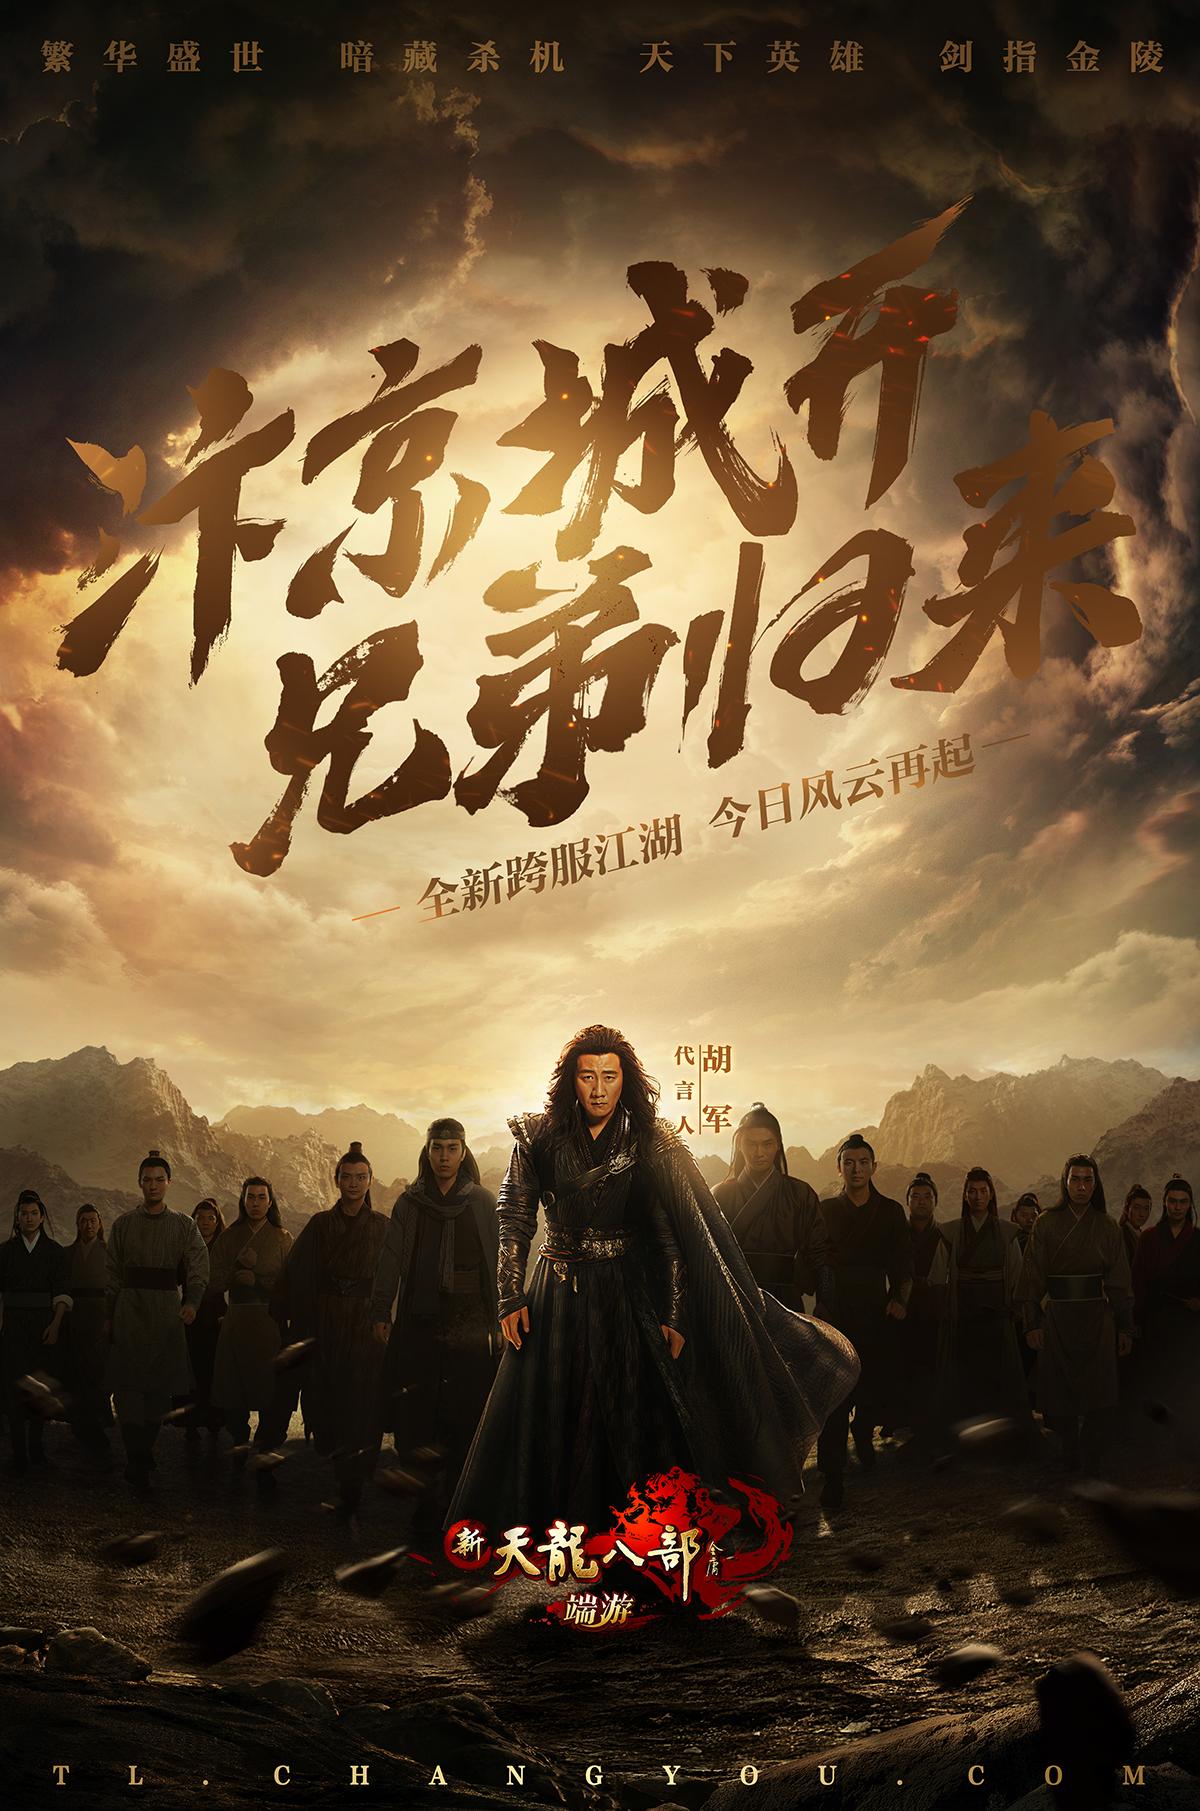 图1:汴京城开,兄弟归来